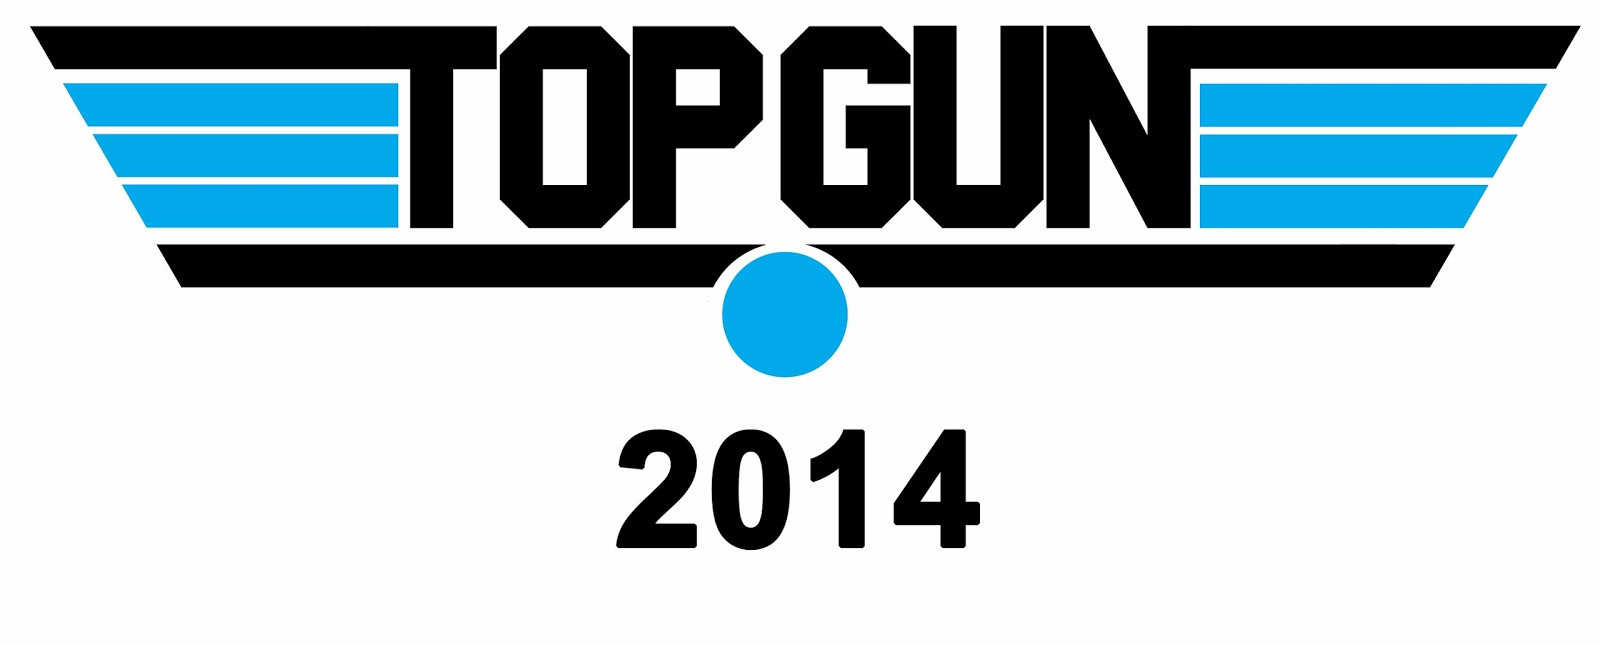 Top Gun 2014 logo